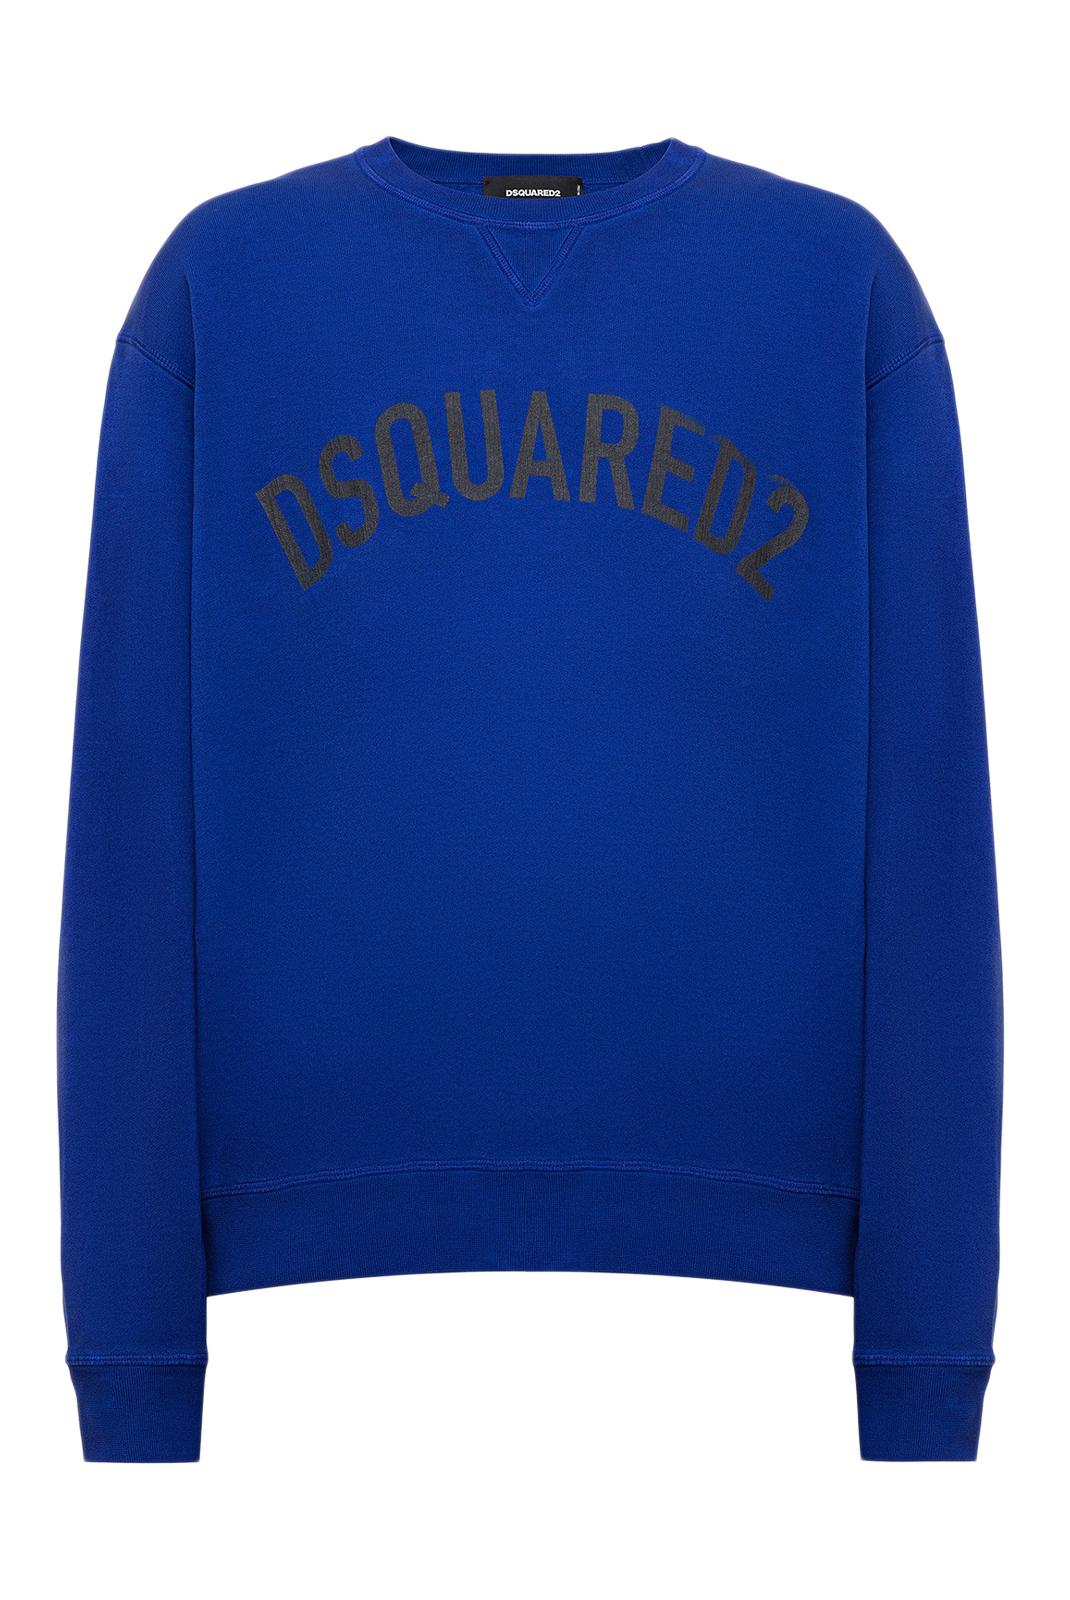 Sweatshirts  Dsquared2 S71GU0294 485 bleu